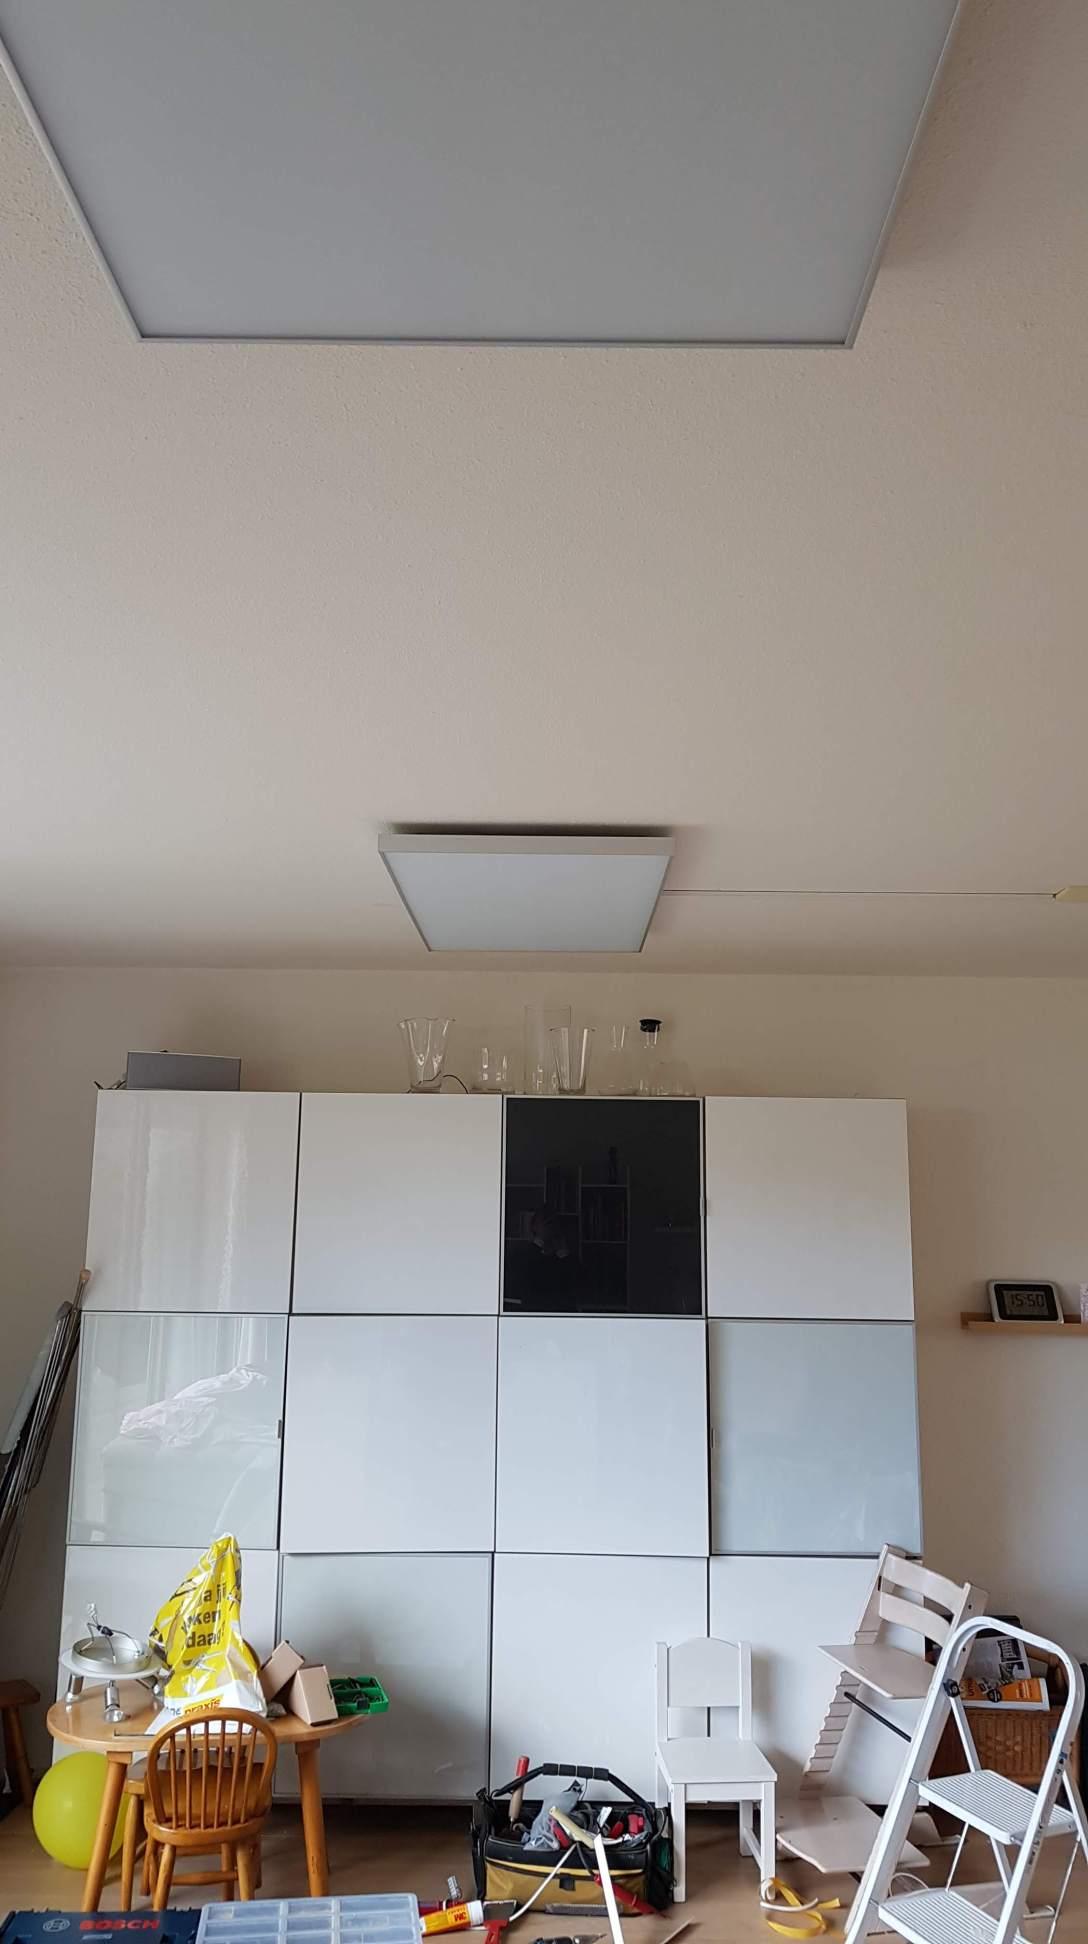 Infraroodpaneel aan het plafond